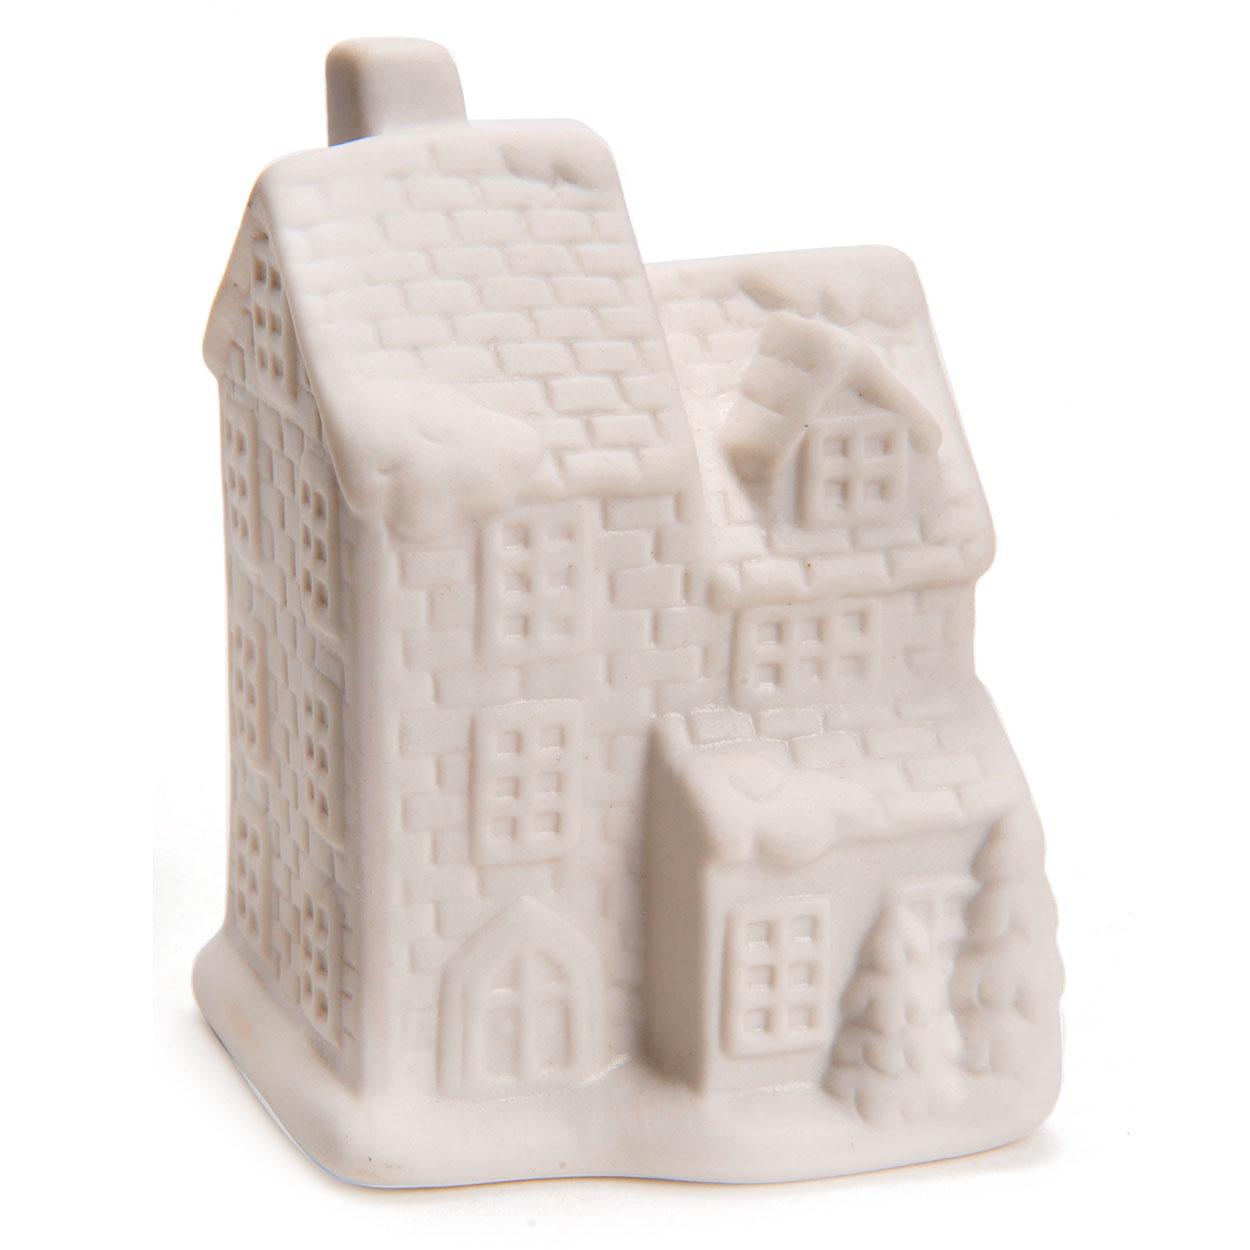 Huisje van keramiek met led d online kopen - Huisje met vide ...